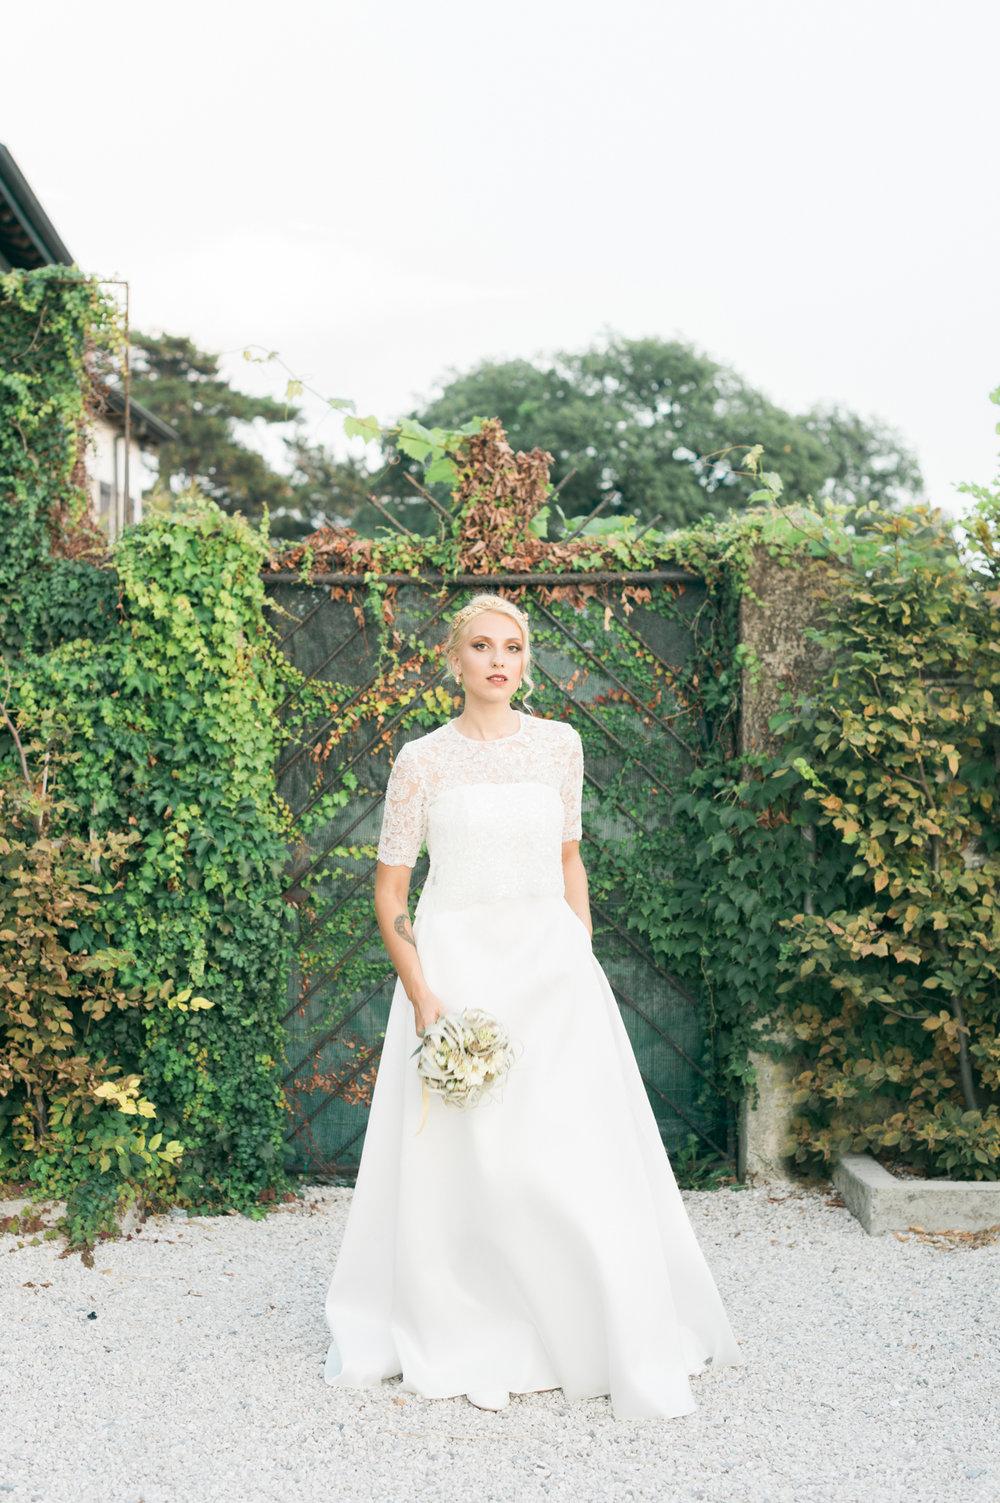 Abito sposa di Maura Brandino